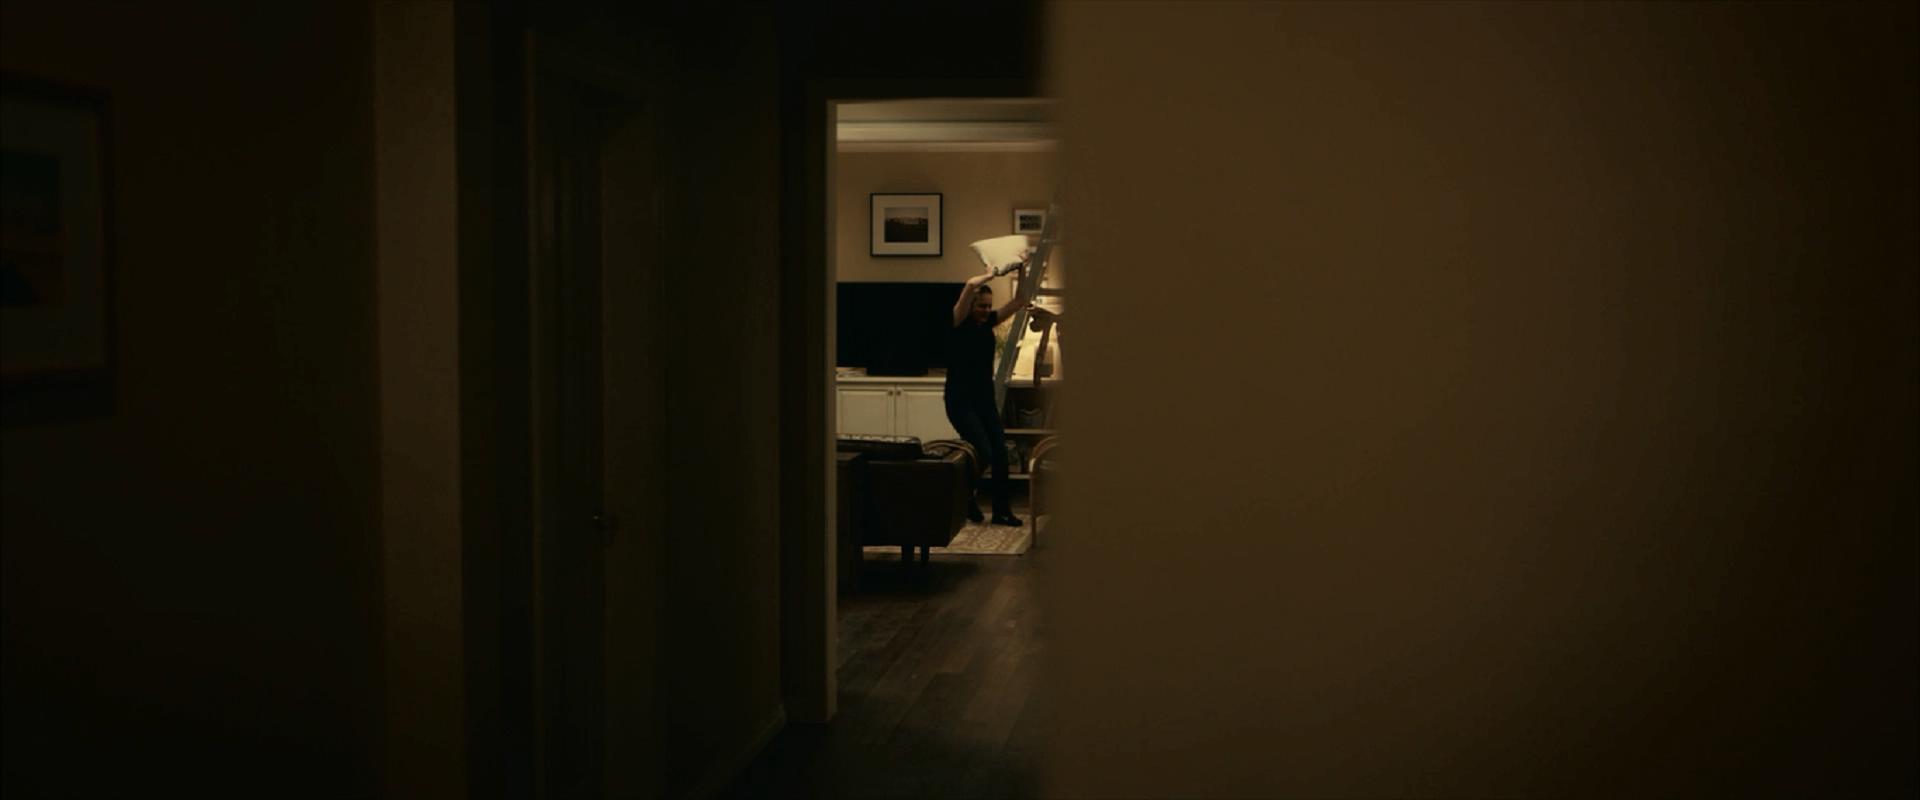 隐形人:700万美元拍出的2020年第一款爆款恐怖片